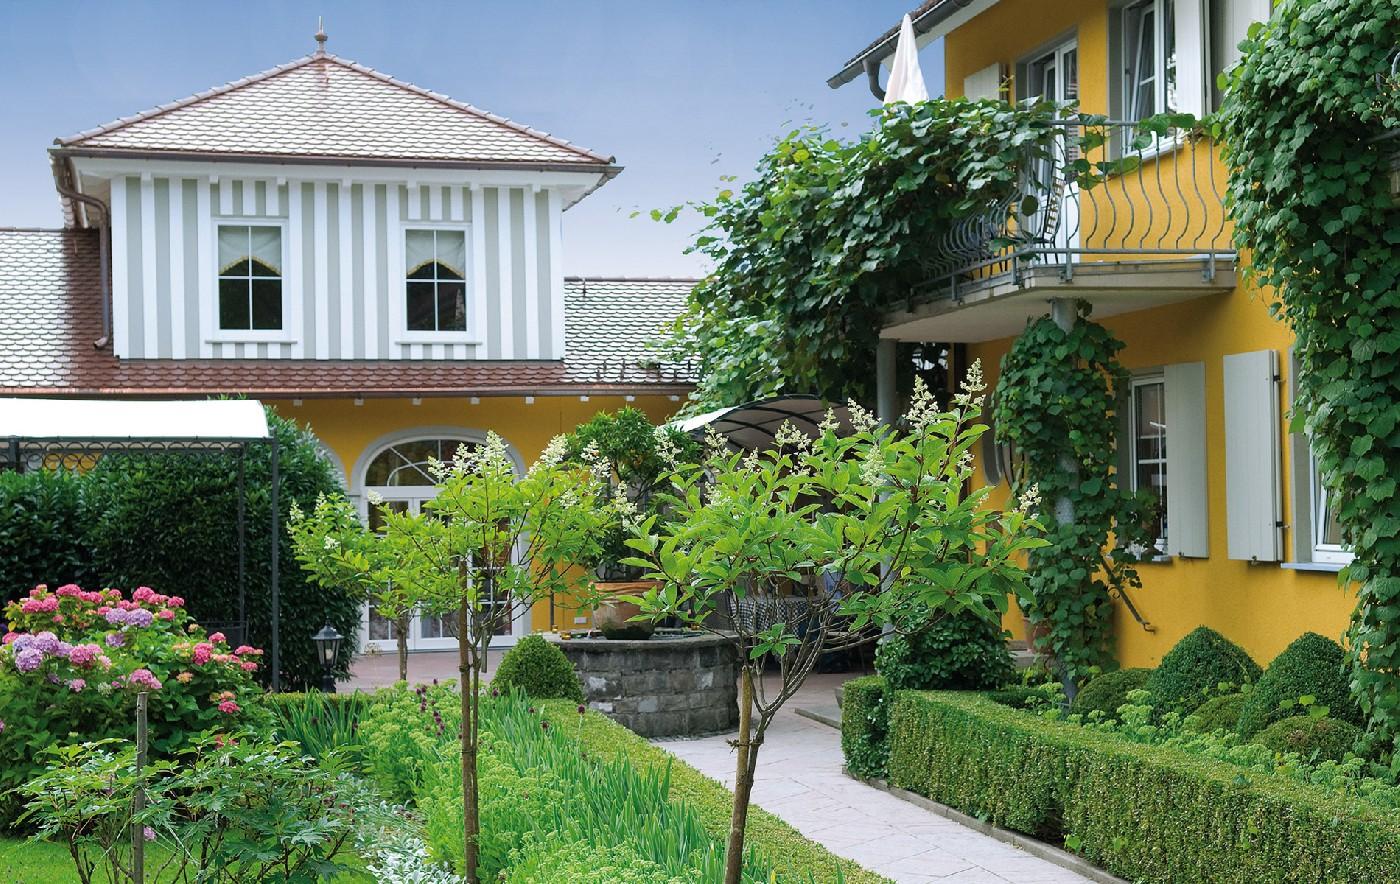 Hotel Villino Bilder | Bild 1